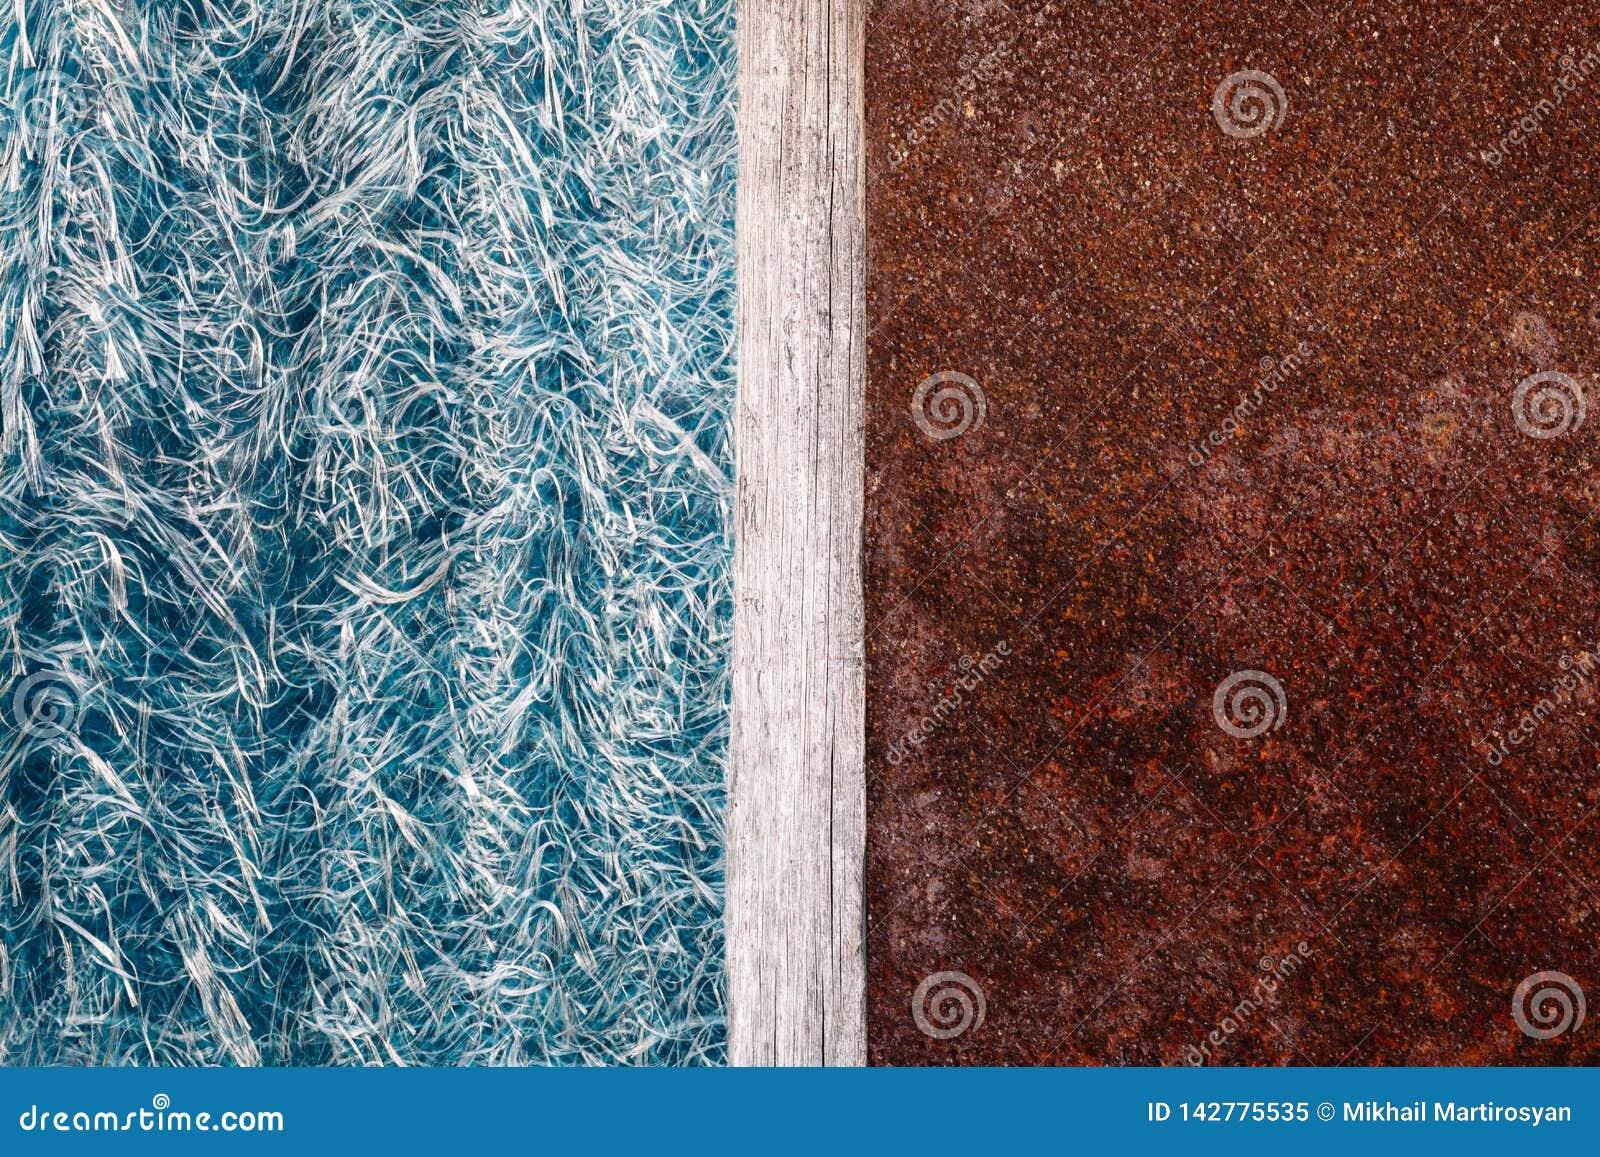 Abstractie van blauwe textolitelei, achtergrond in de helft met een roestige metaalplaat en een het verdelen lat